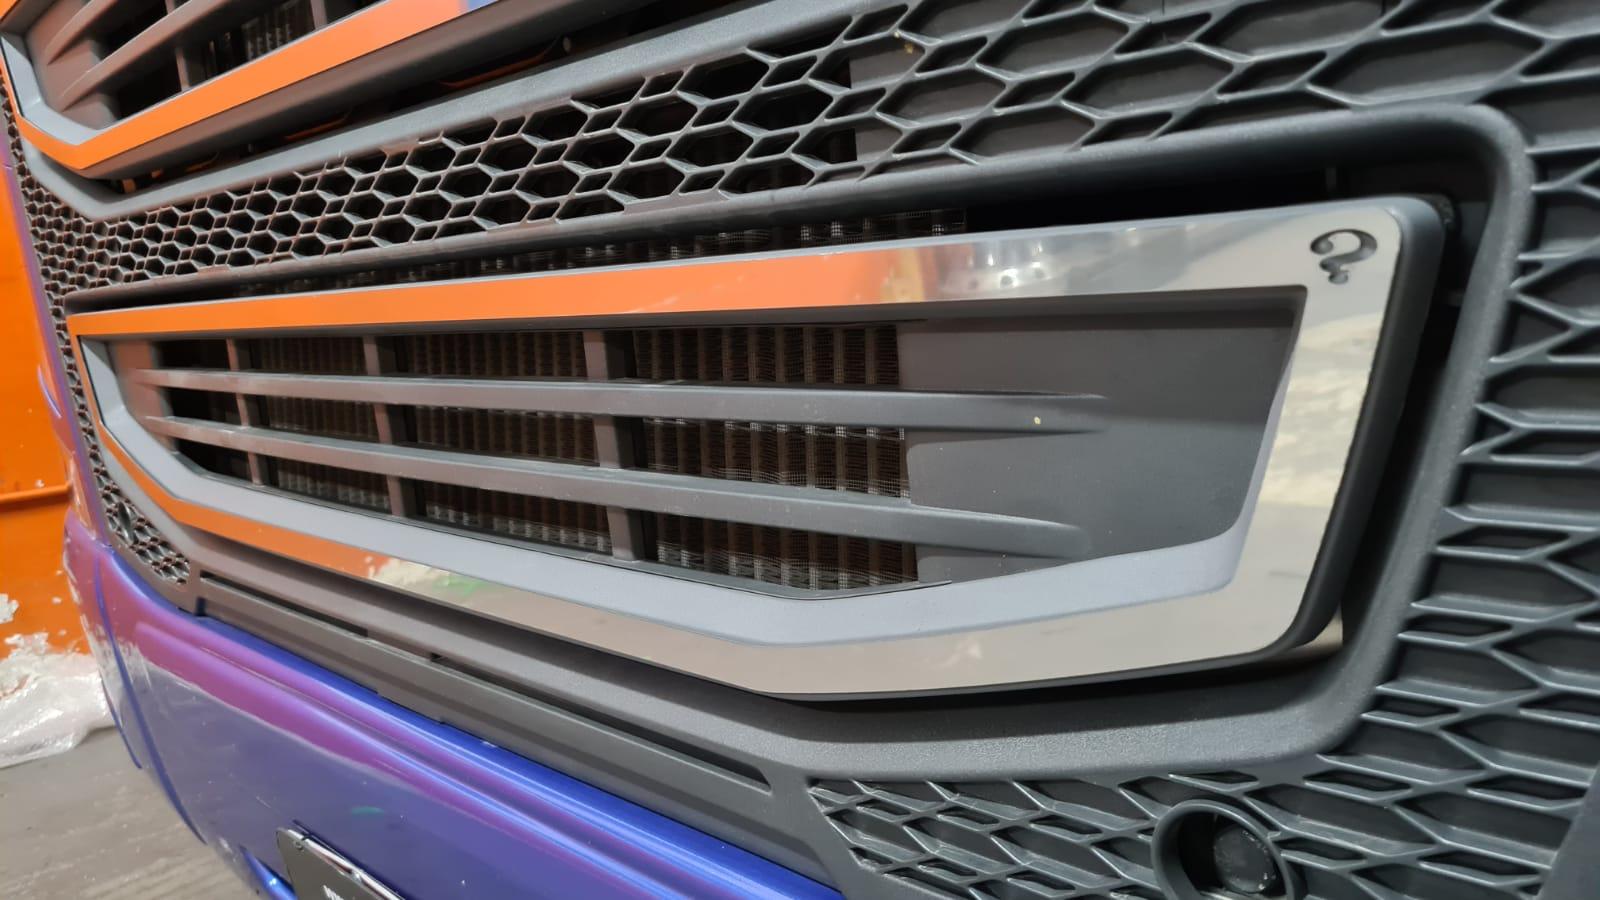 Aplique/Acabamento CHARADA em Inox da Grade do Volvo FH 2015 Inferior